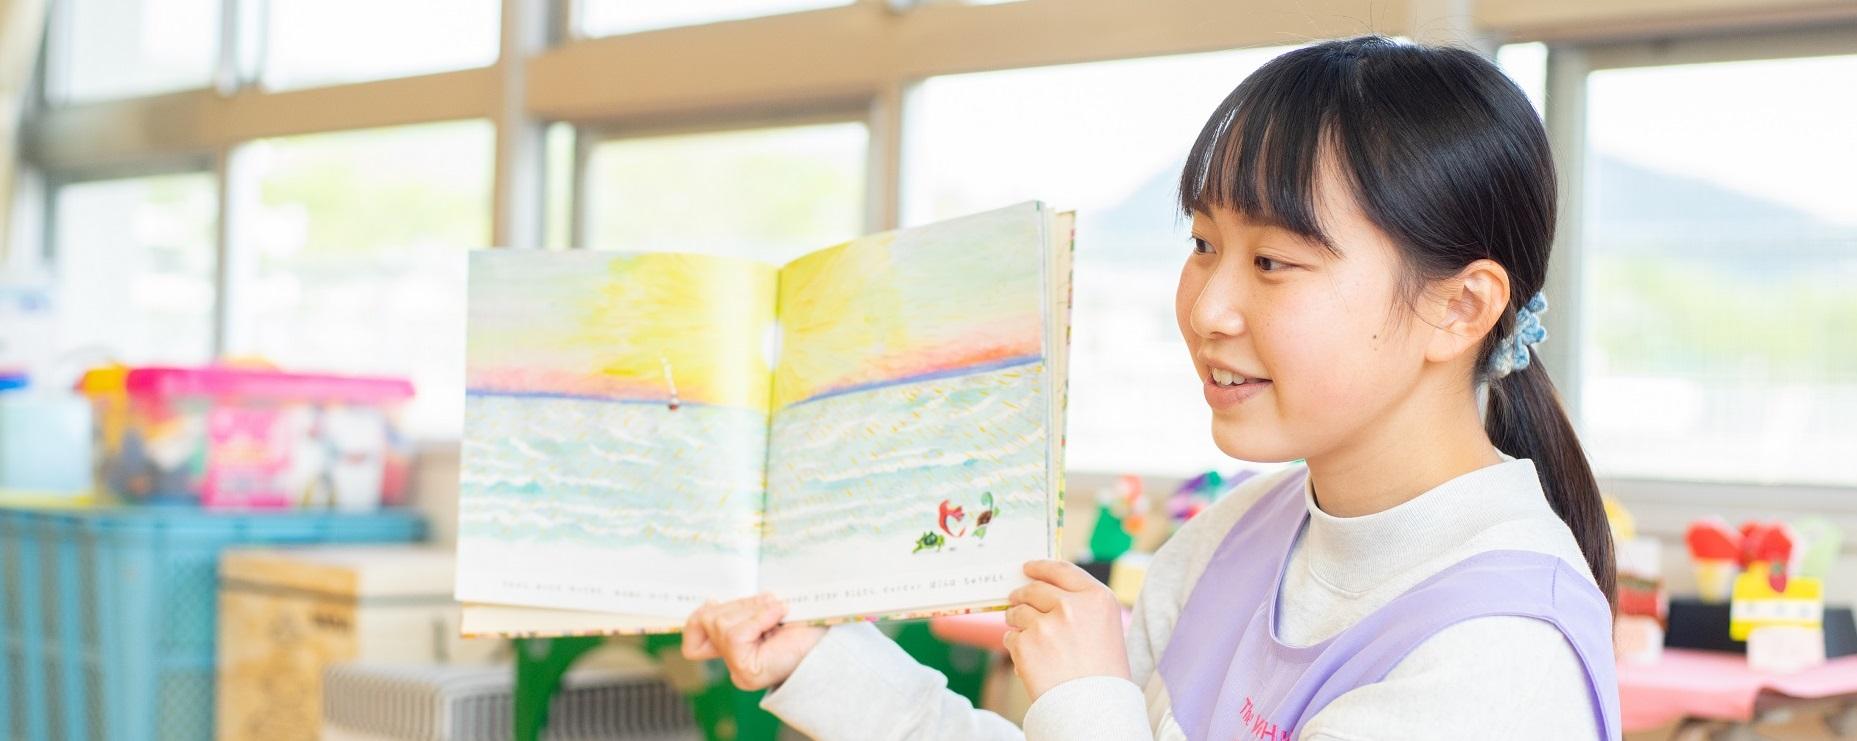 子どもたちの先生として、心の声に耳を傾ける。